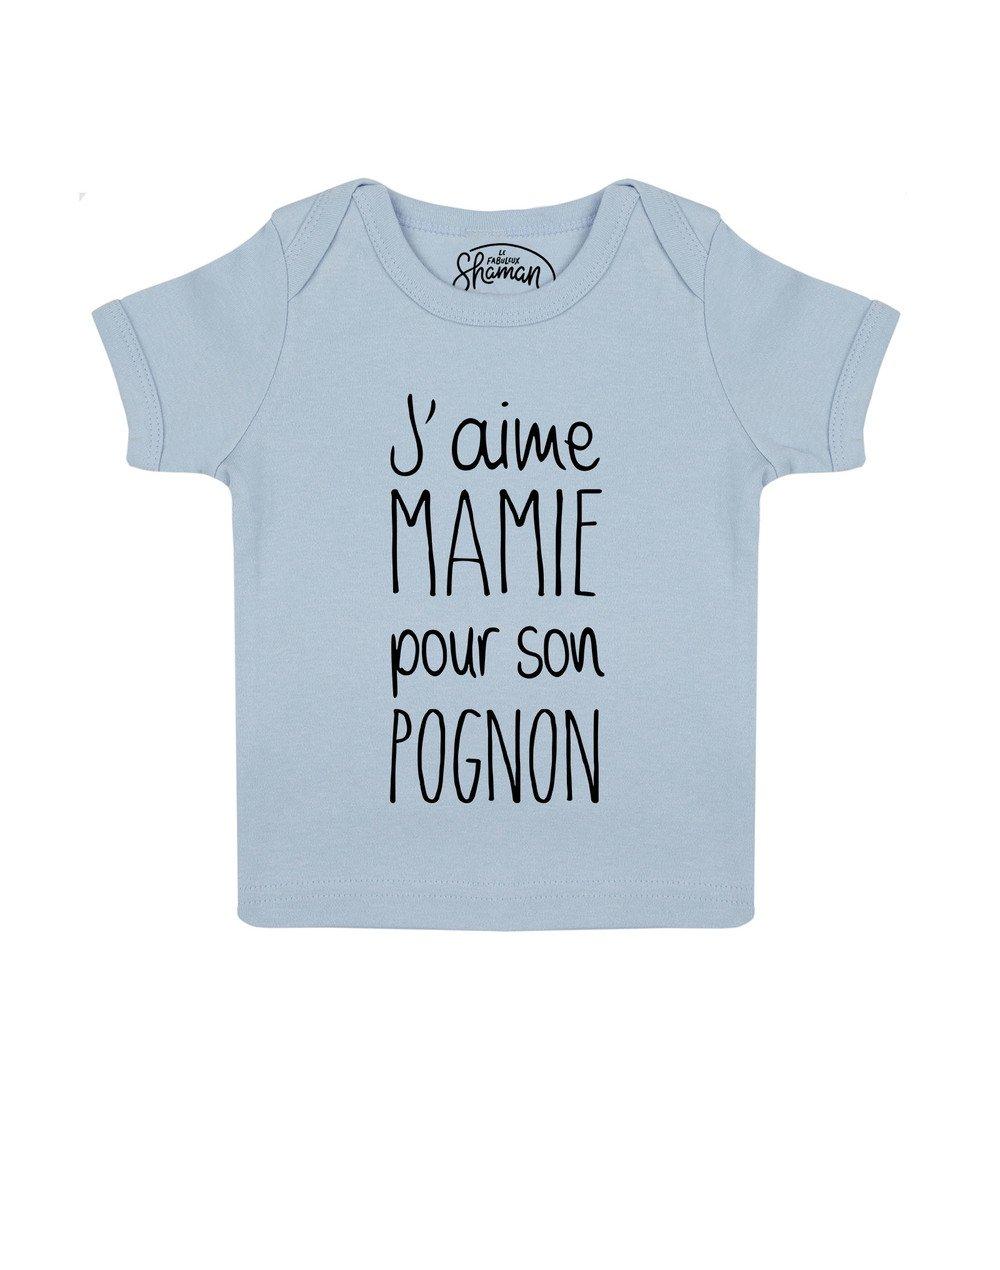 Tee shirt Mamie pognon